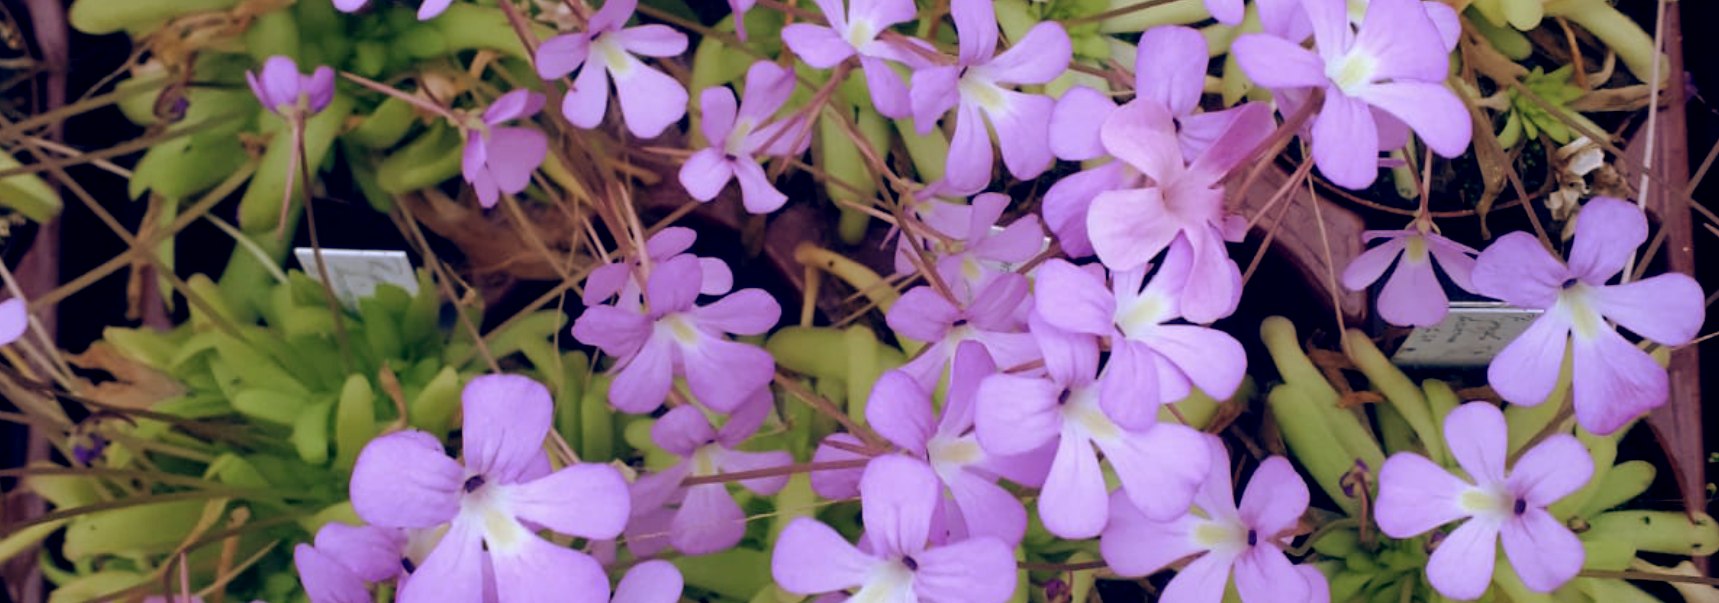 pinguicula-blüten